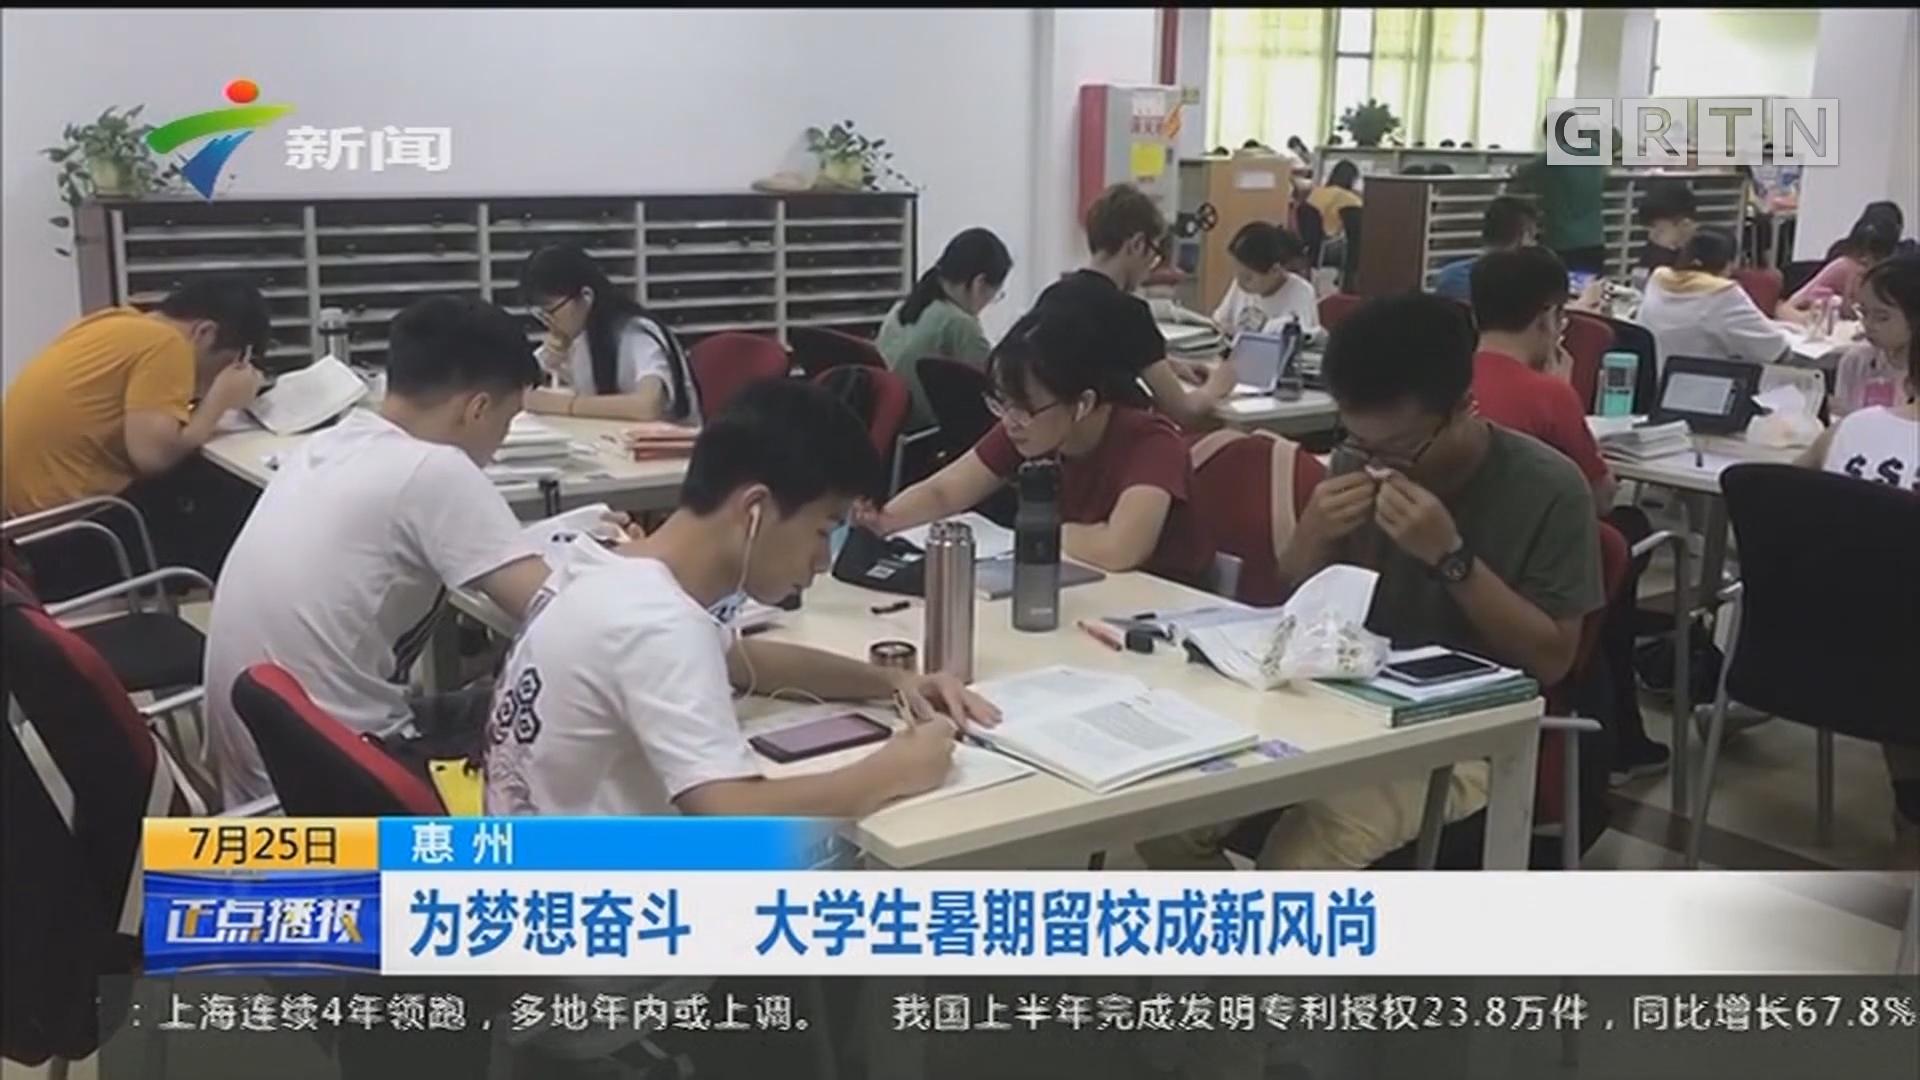 惠州:为梦想奋斗 大学生暑期留校成新风尚